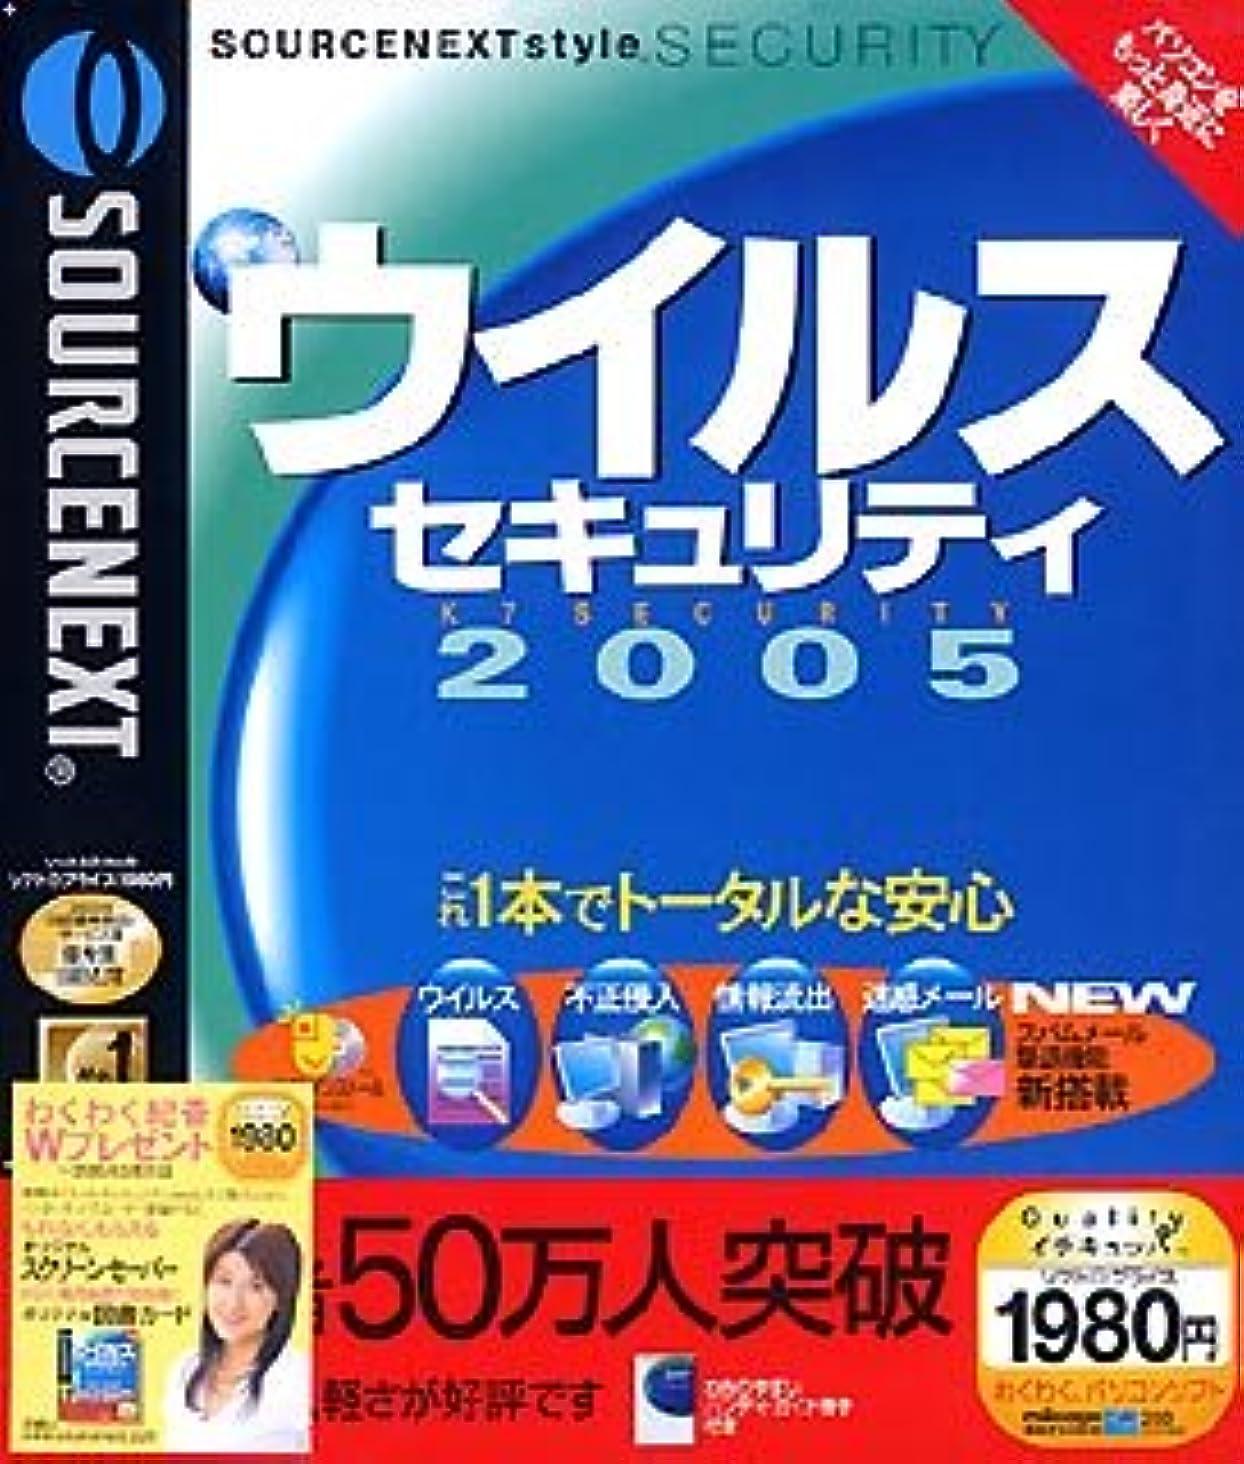 あざ作物遠いウイルスセキュリティ 2005(旧版)